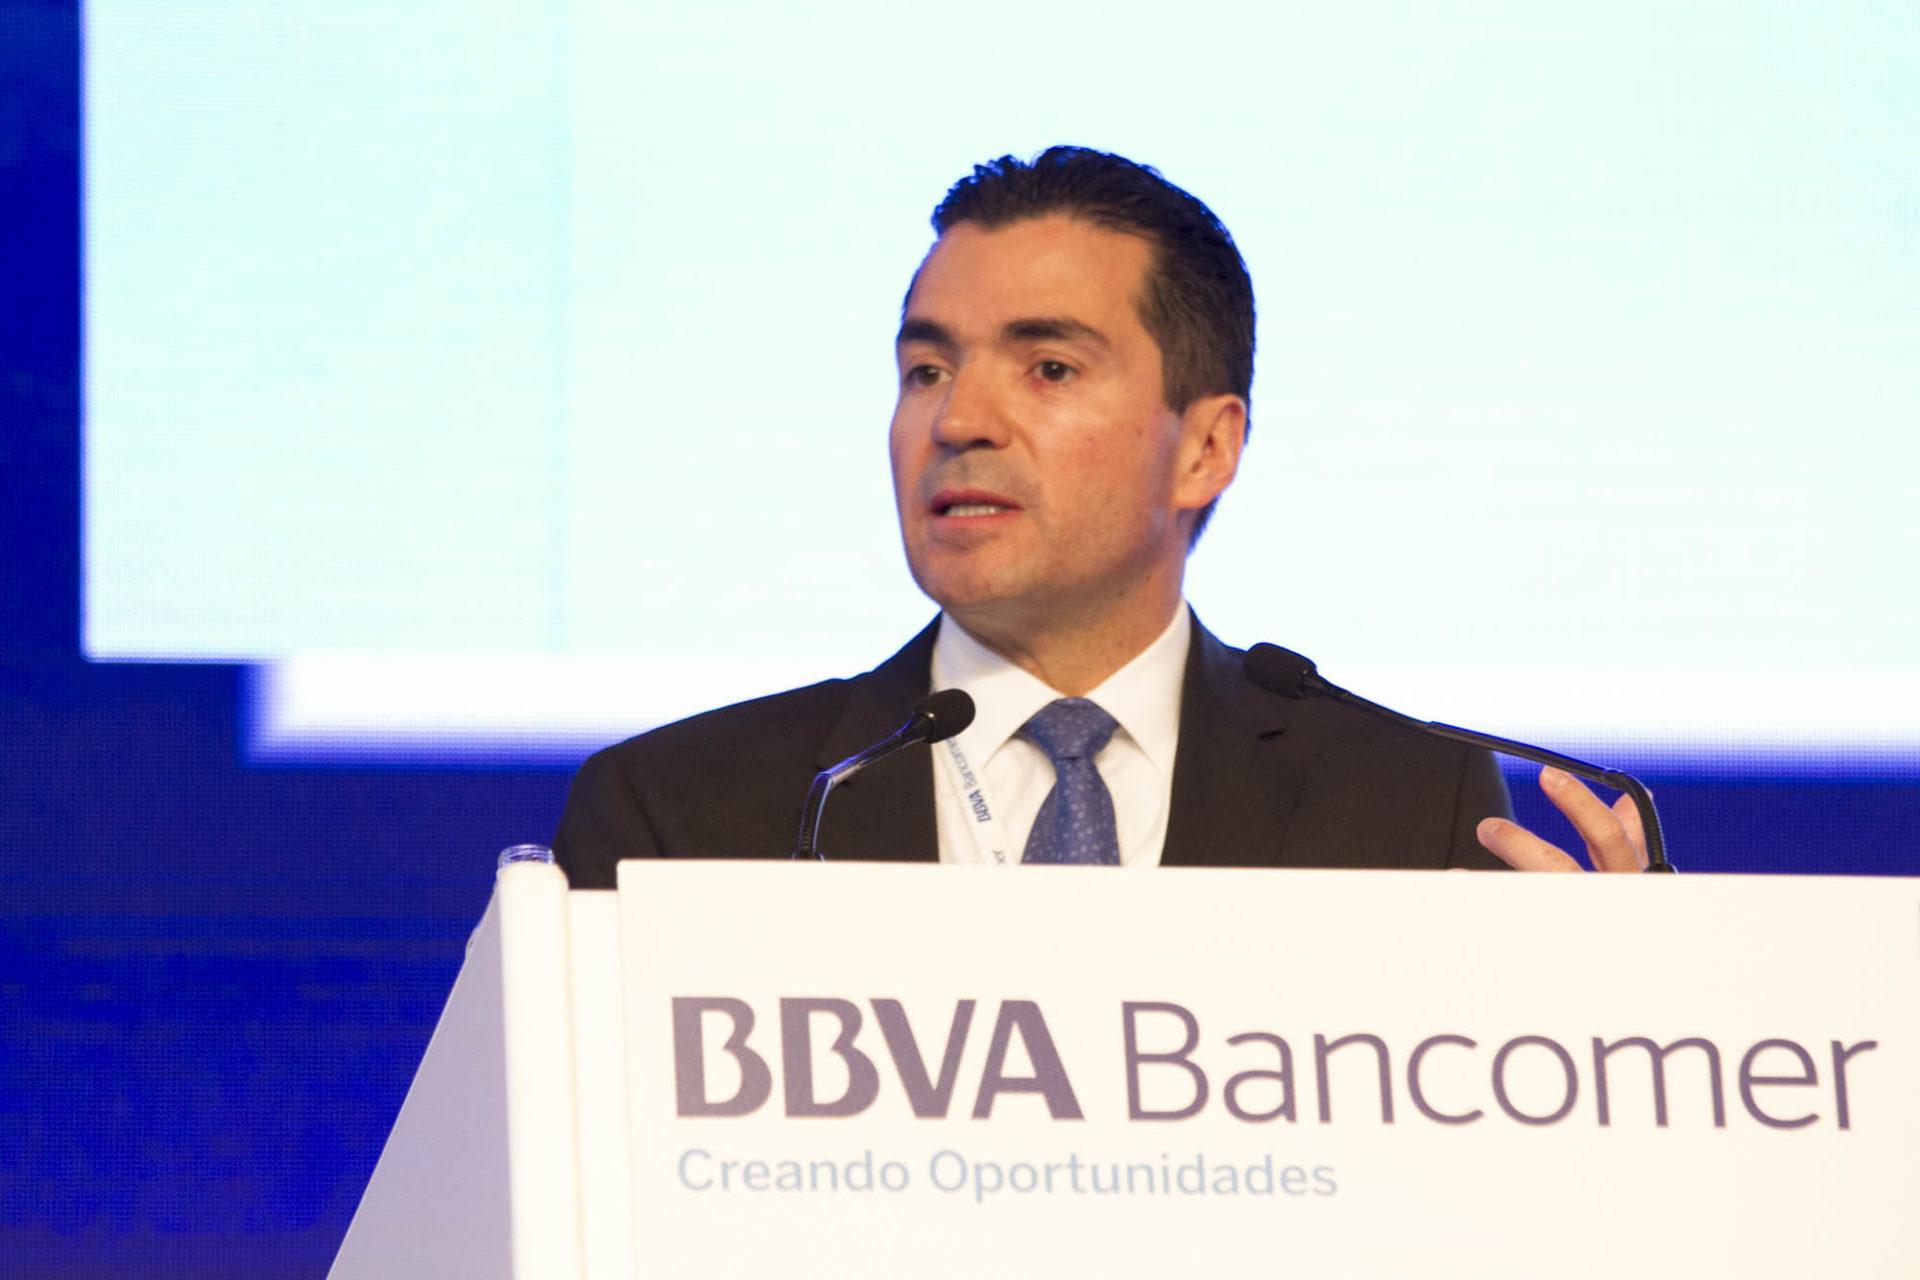 BBVA_Eduardo Osuna_country manager de BBVA Bancomer